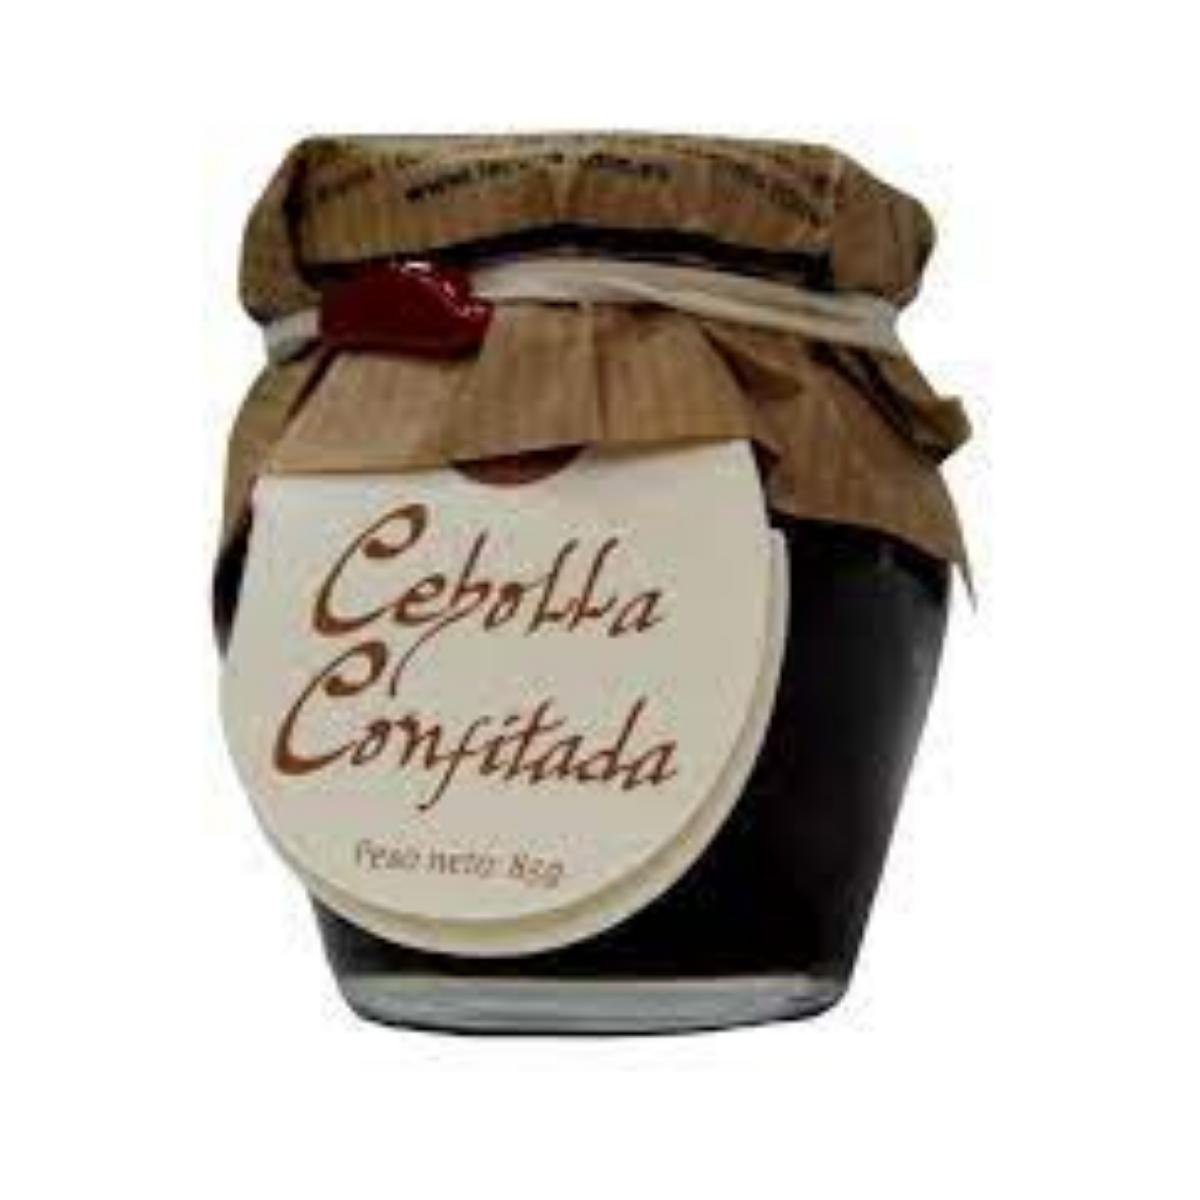 Cebolla Confitada La Cuna